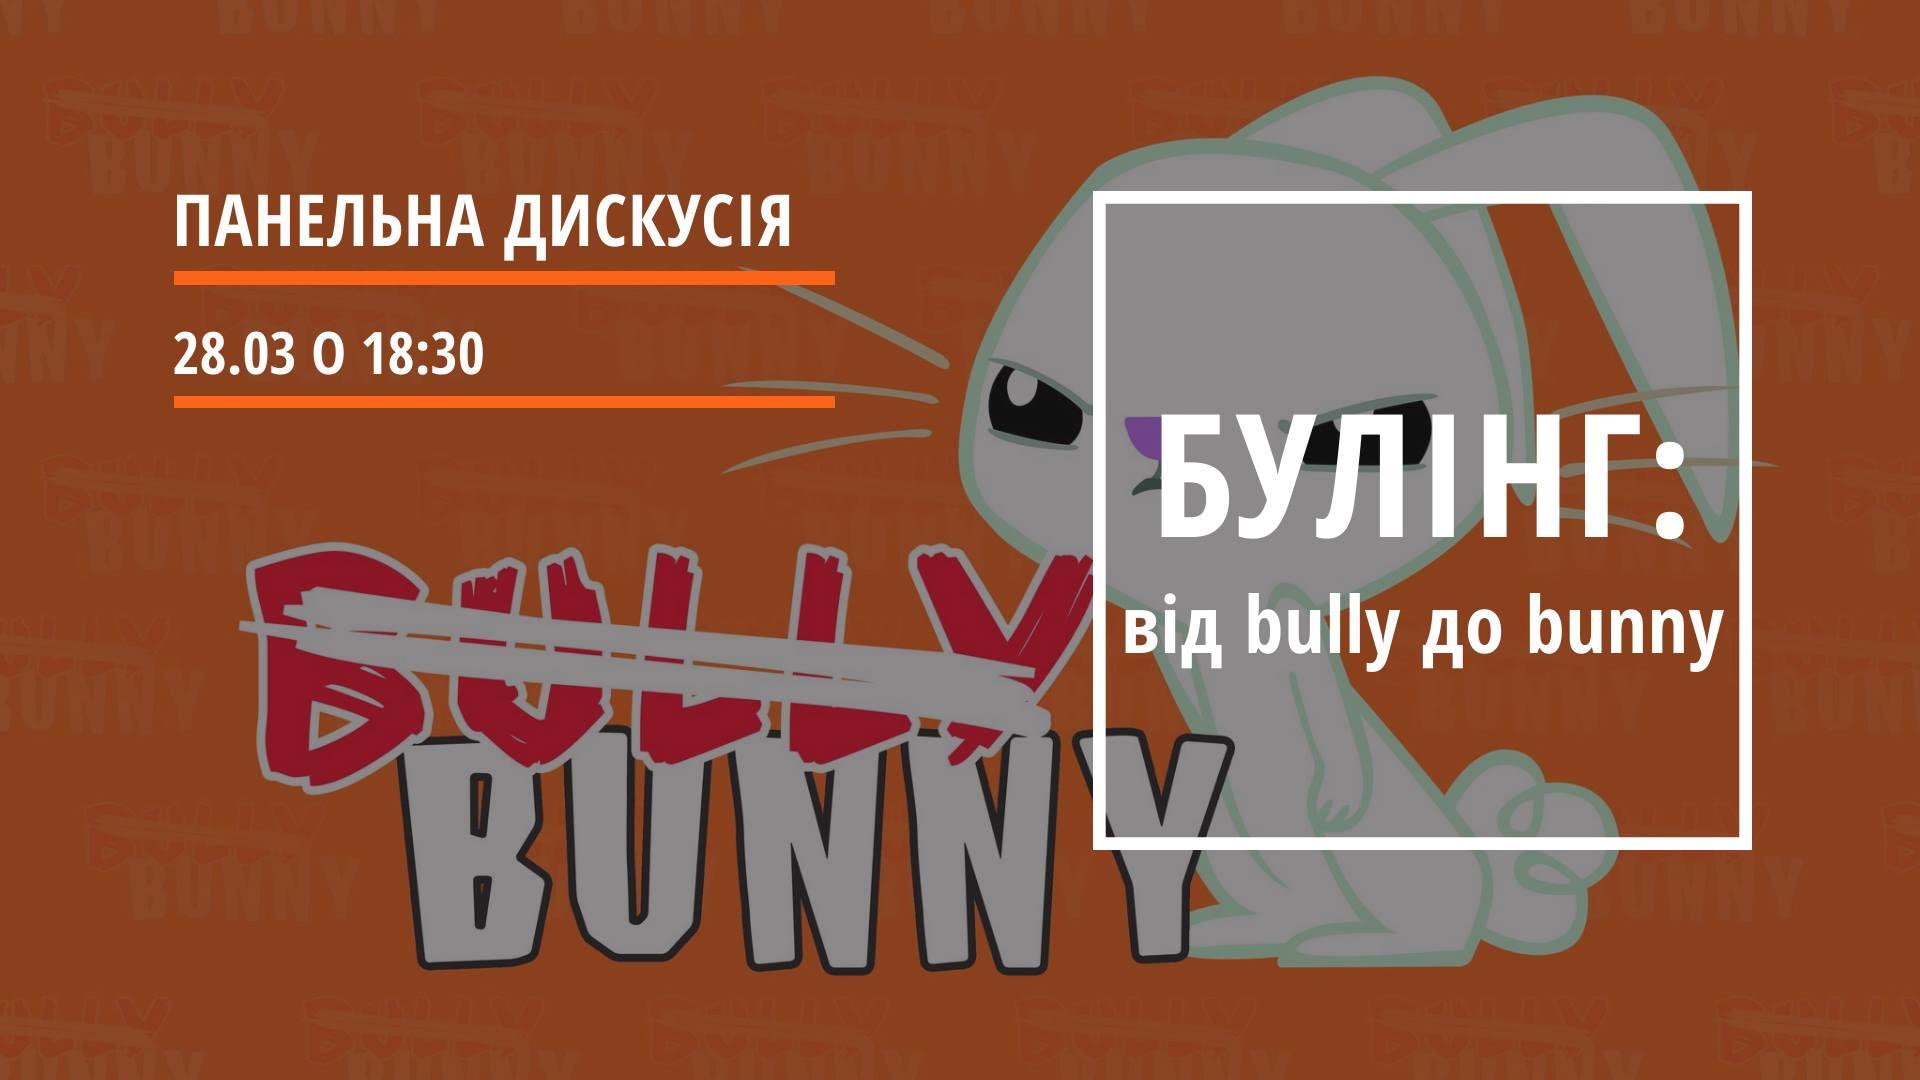 """Панельна дискусія """"Булінг: від bully до bunny"""""""